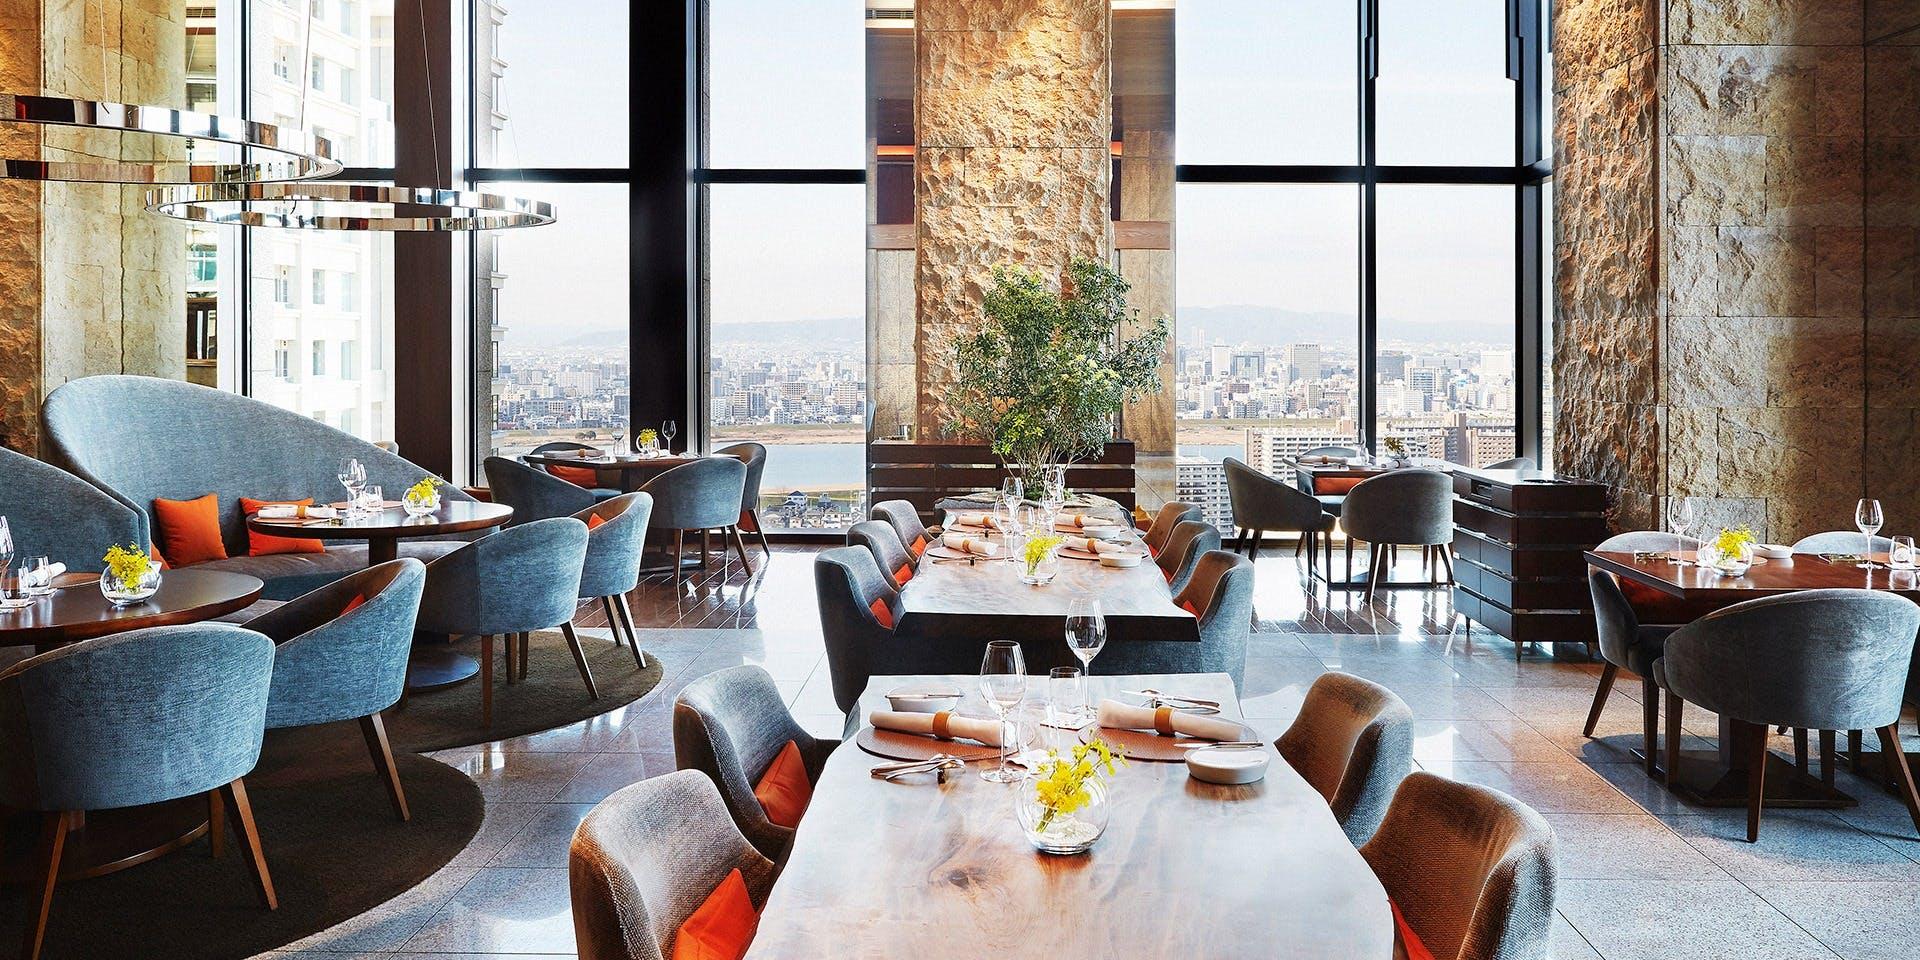 記念日におすすめのレストラン・ピエール/インターコンチネンタルホテル大阪の写真1